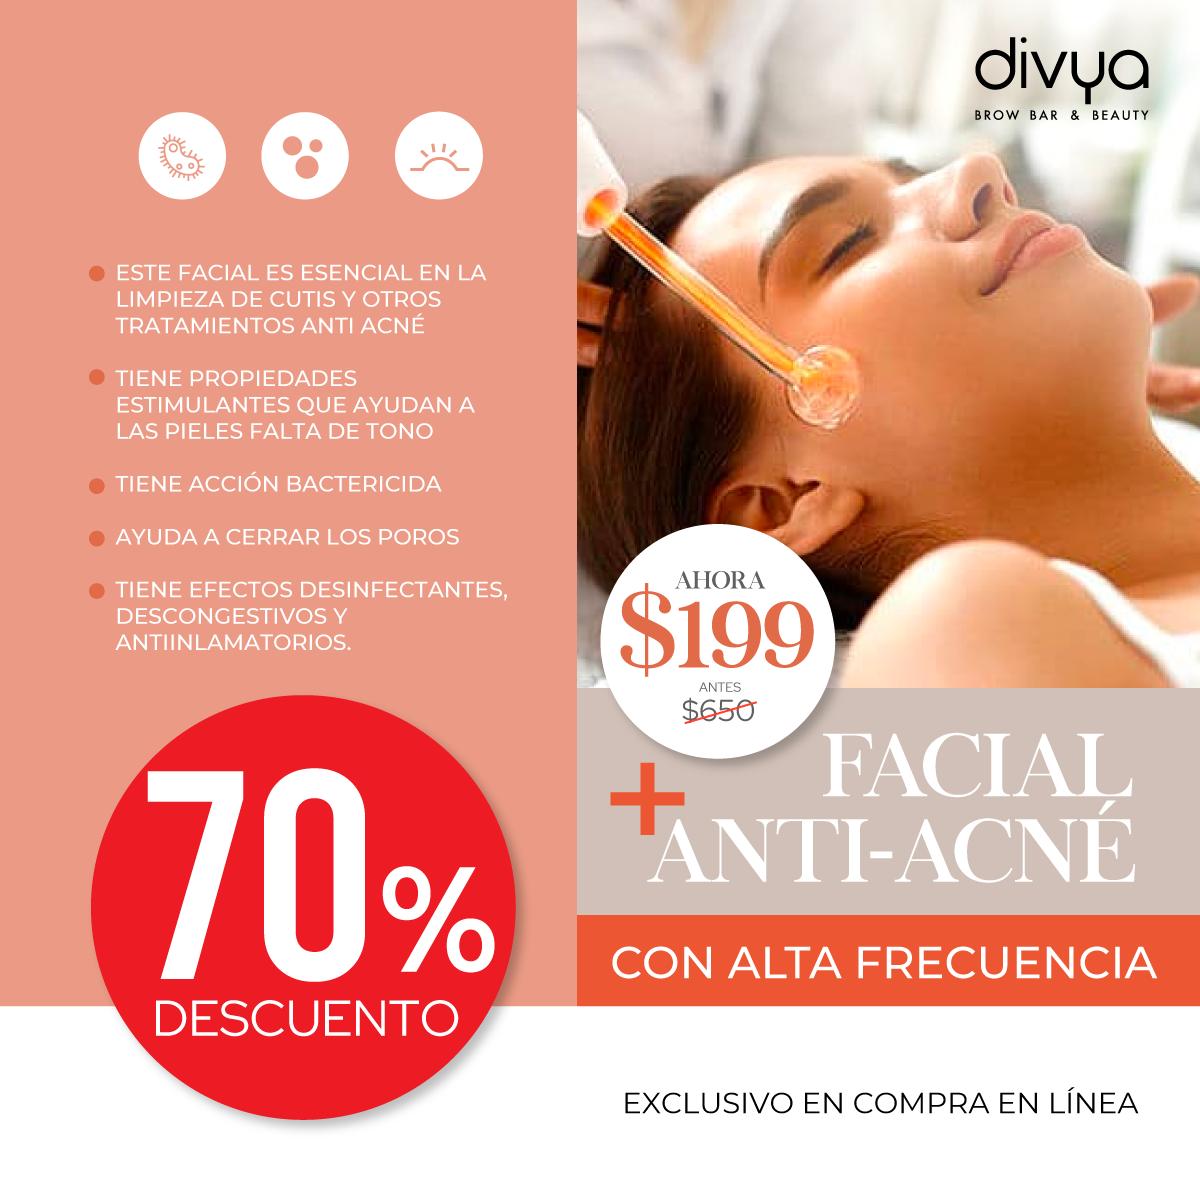 Facial Anti Acné con Alta Frecuencia- PATIO UNIVERSIDAD&w=900&h=900&fit=crop